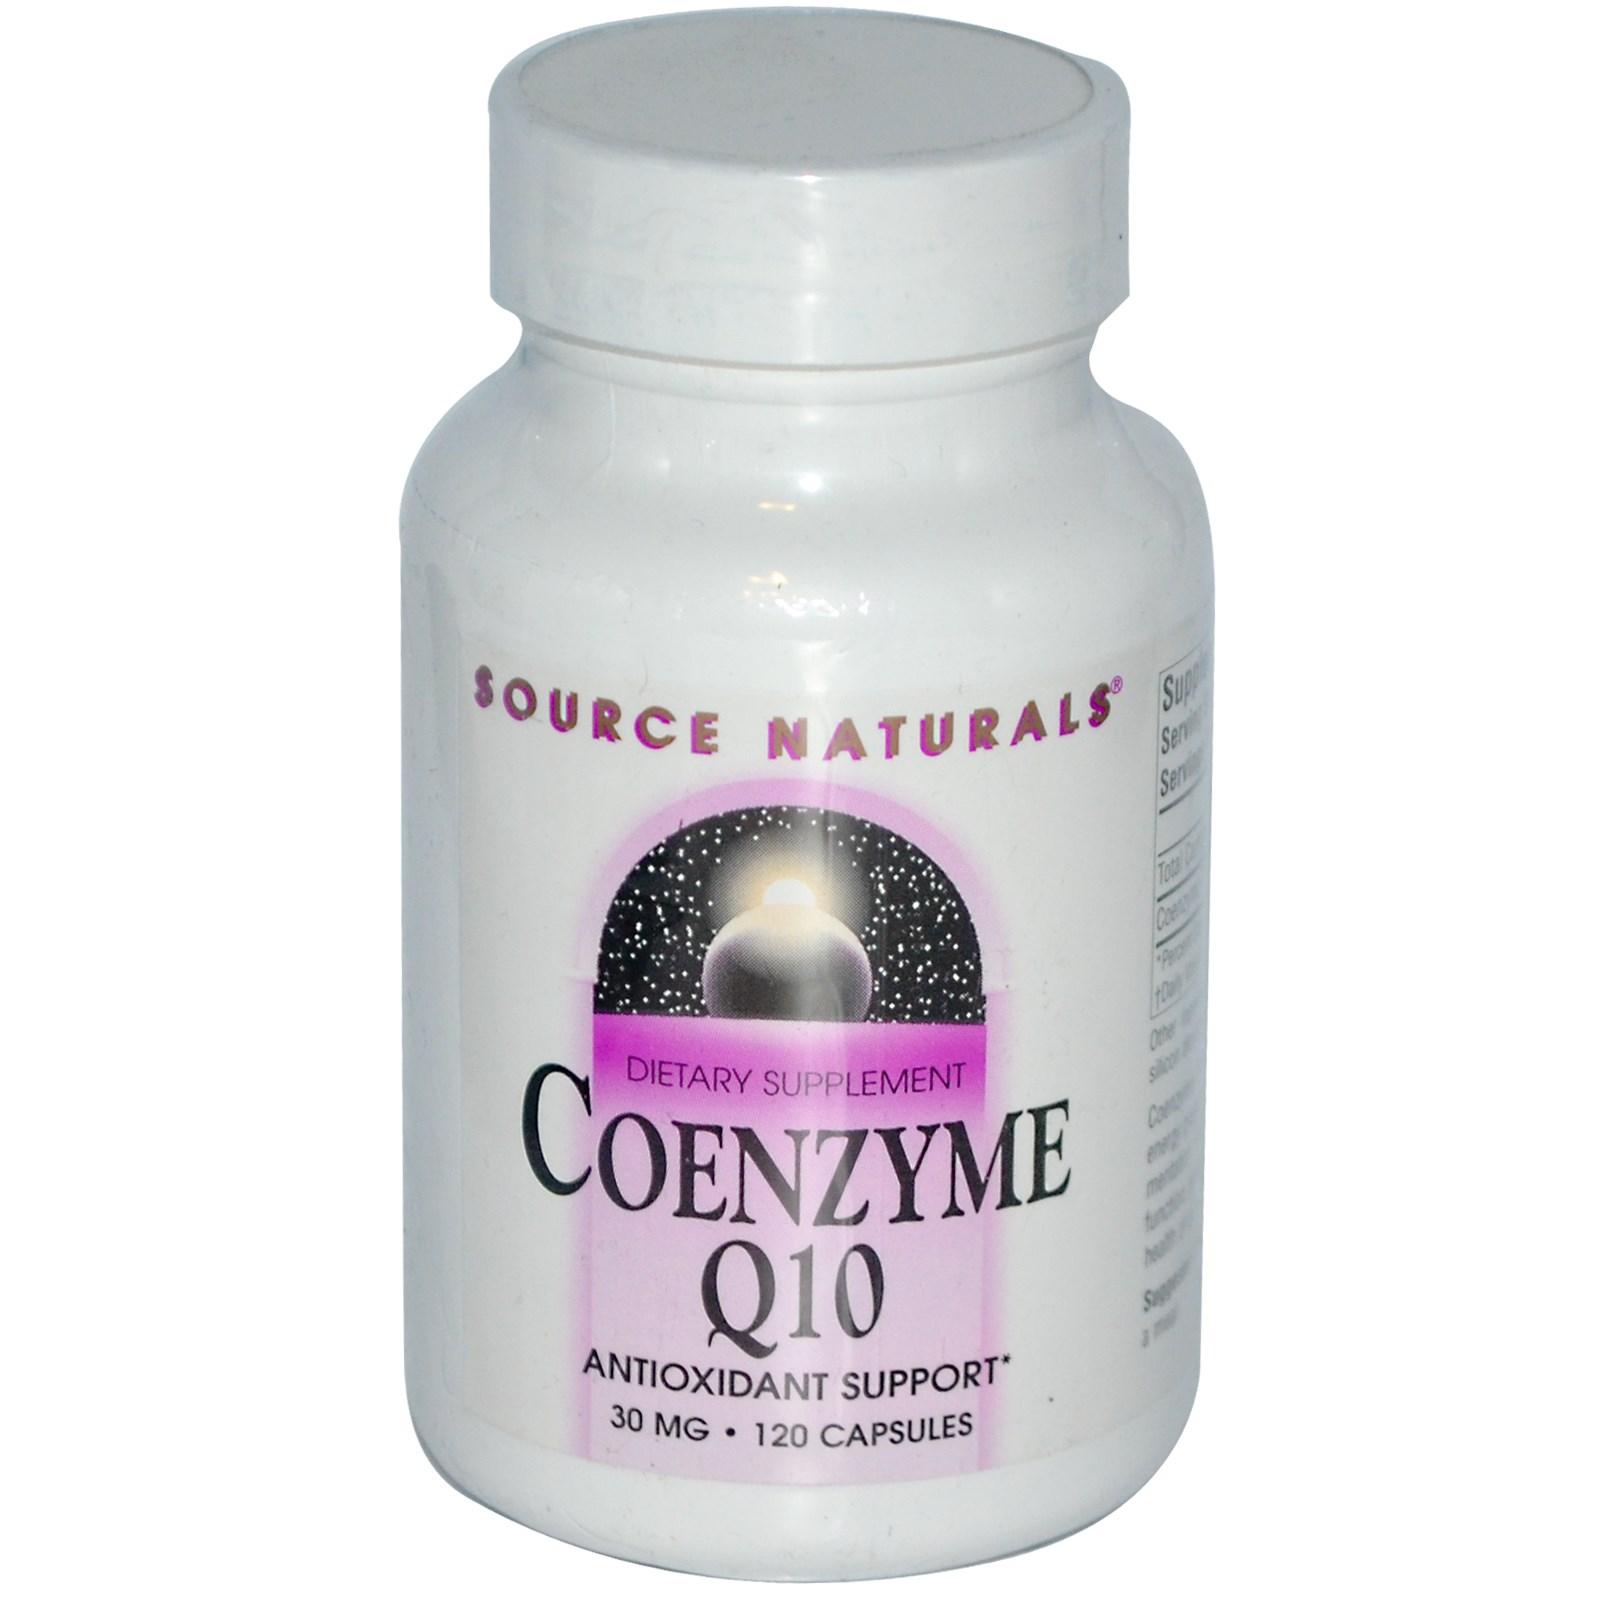 Коэнзим q10 польза и вред, применение,лучшие витамины коэнзим q10 капсулы